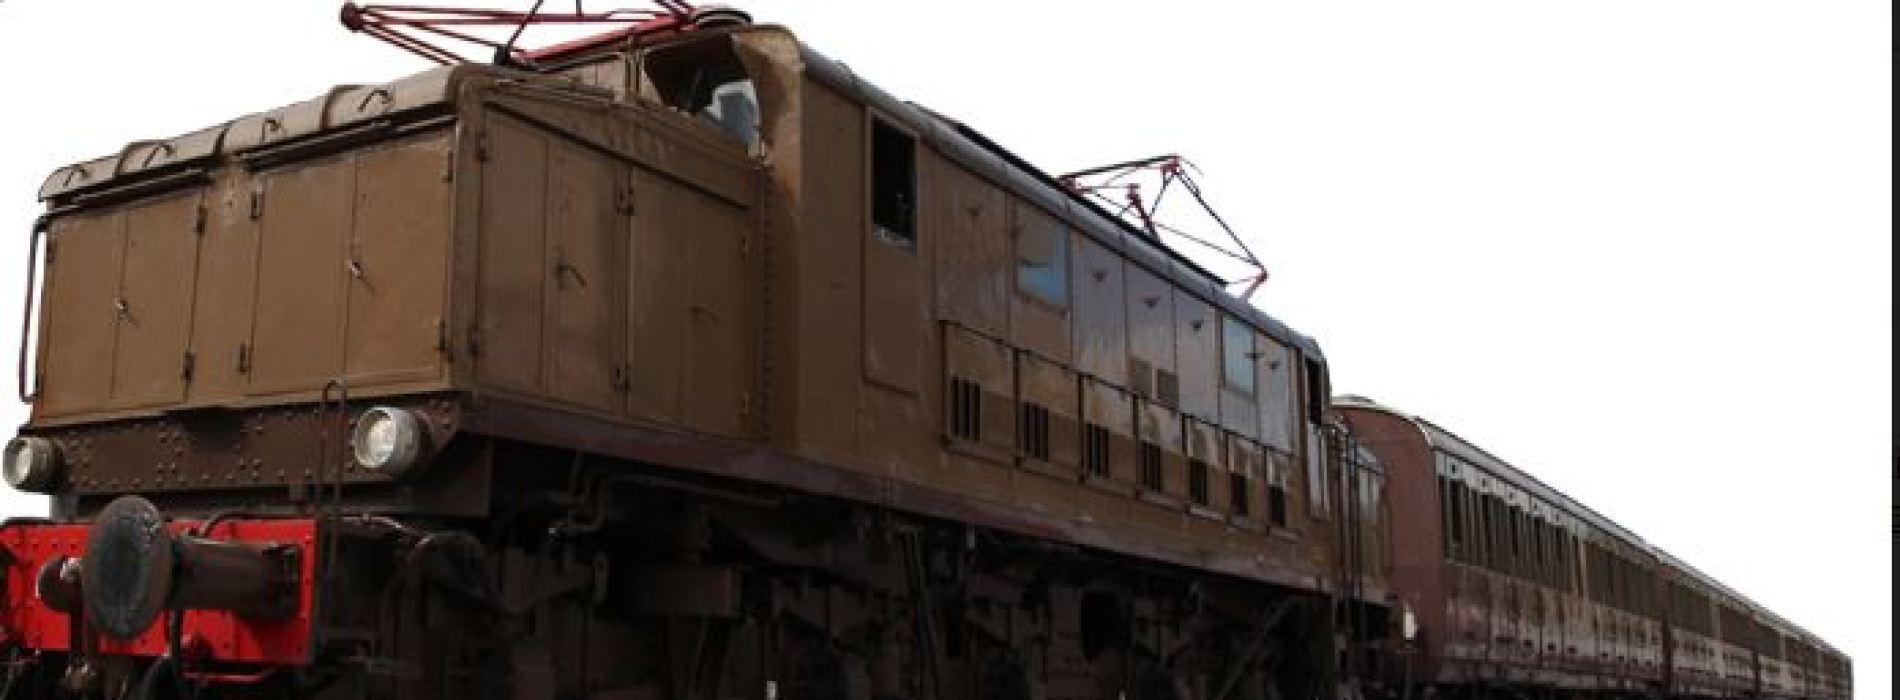 Reggia Express. Il treno storico riparte dal 20 settembre